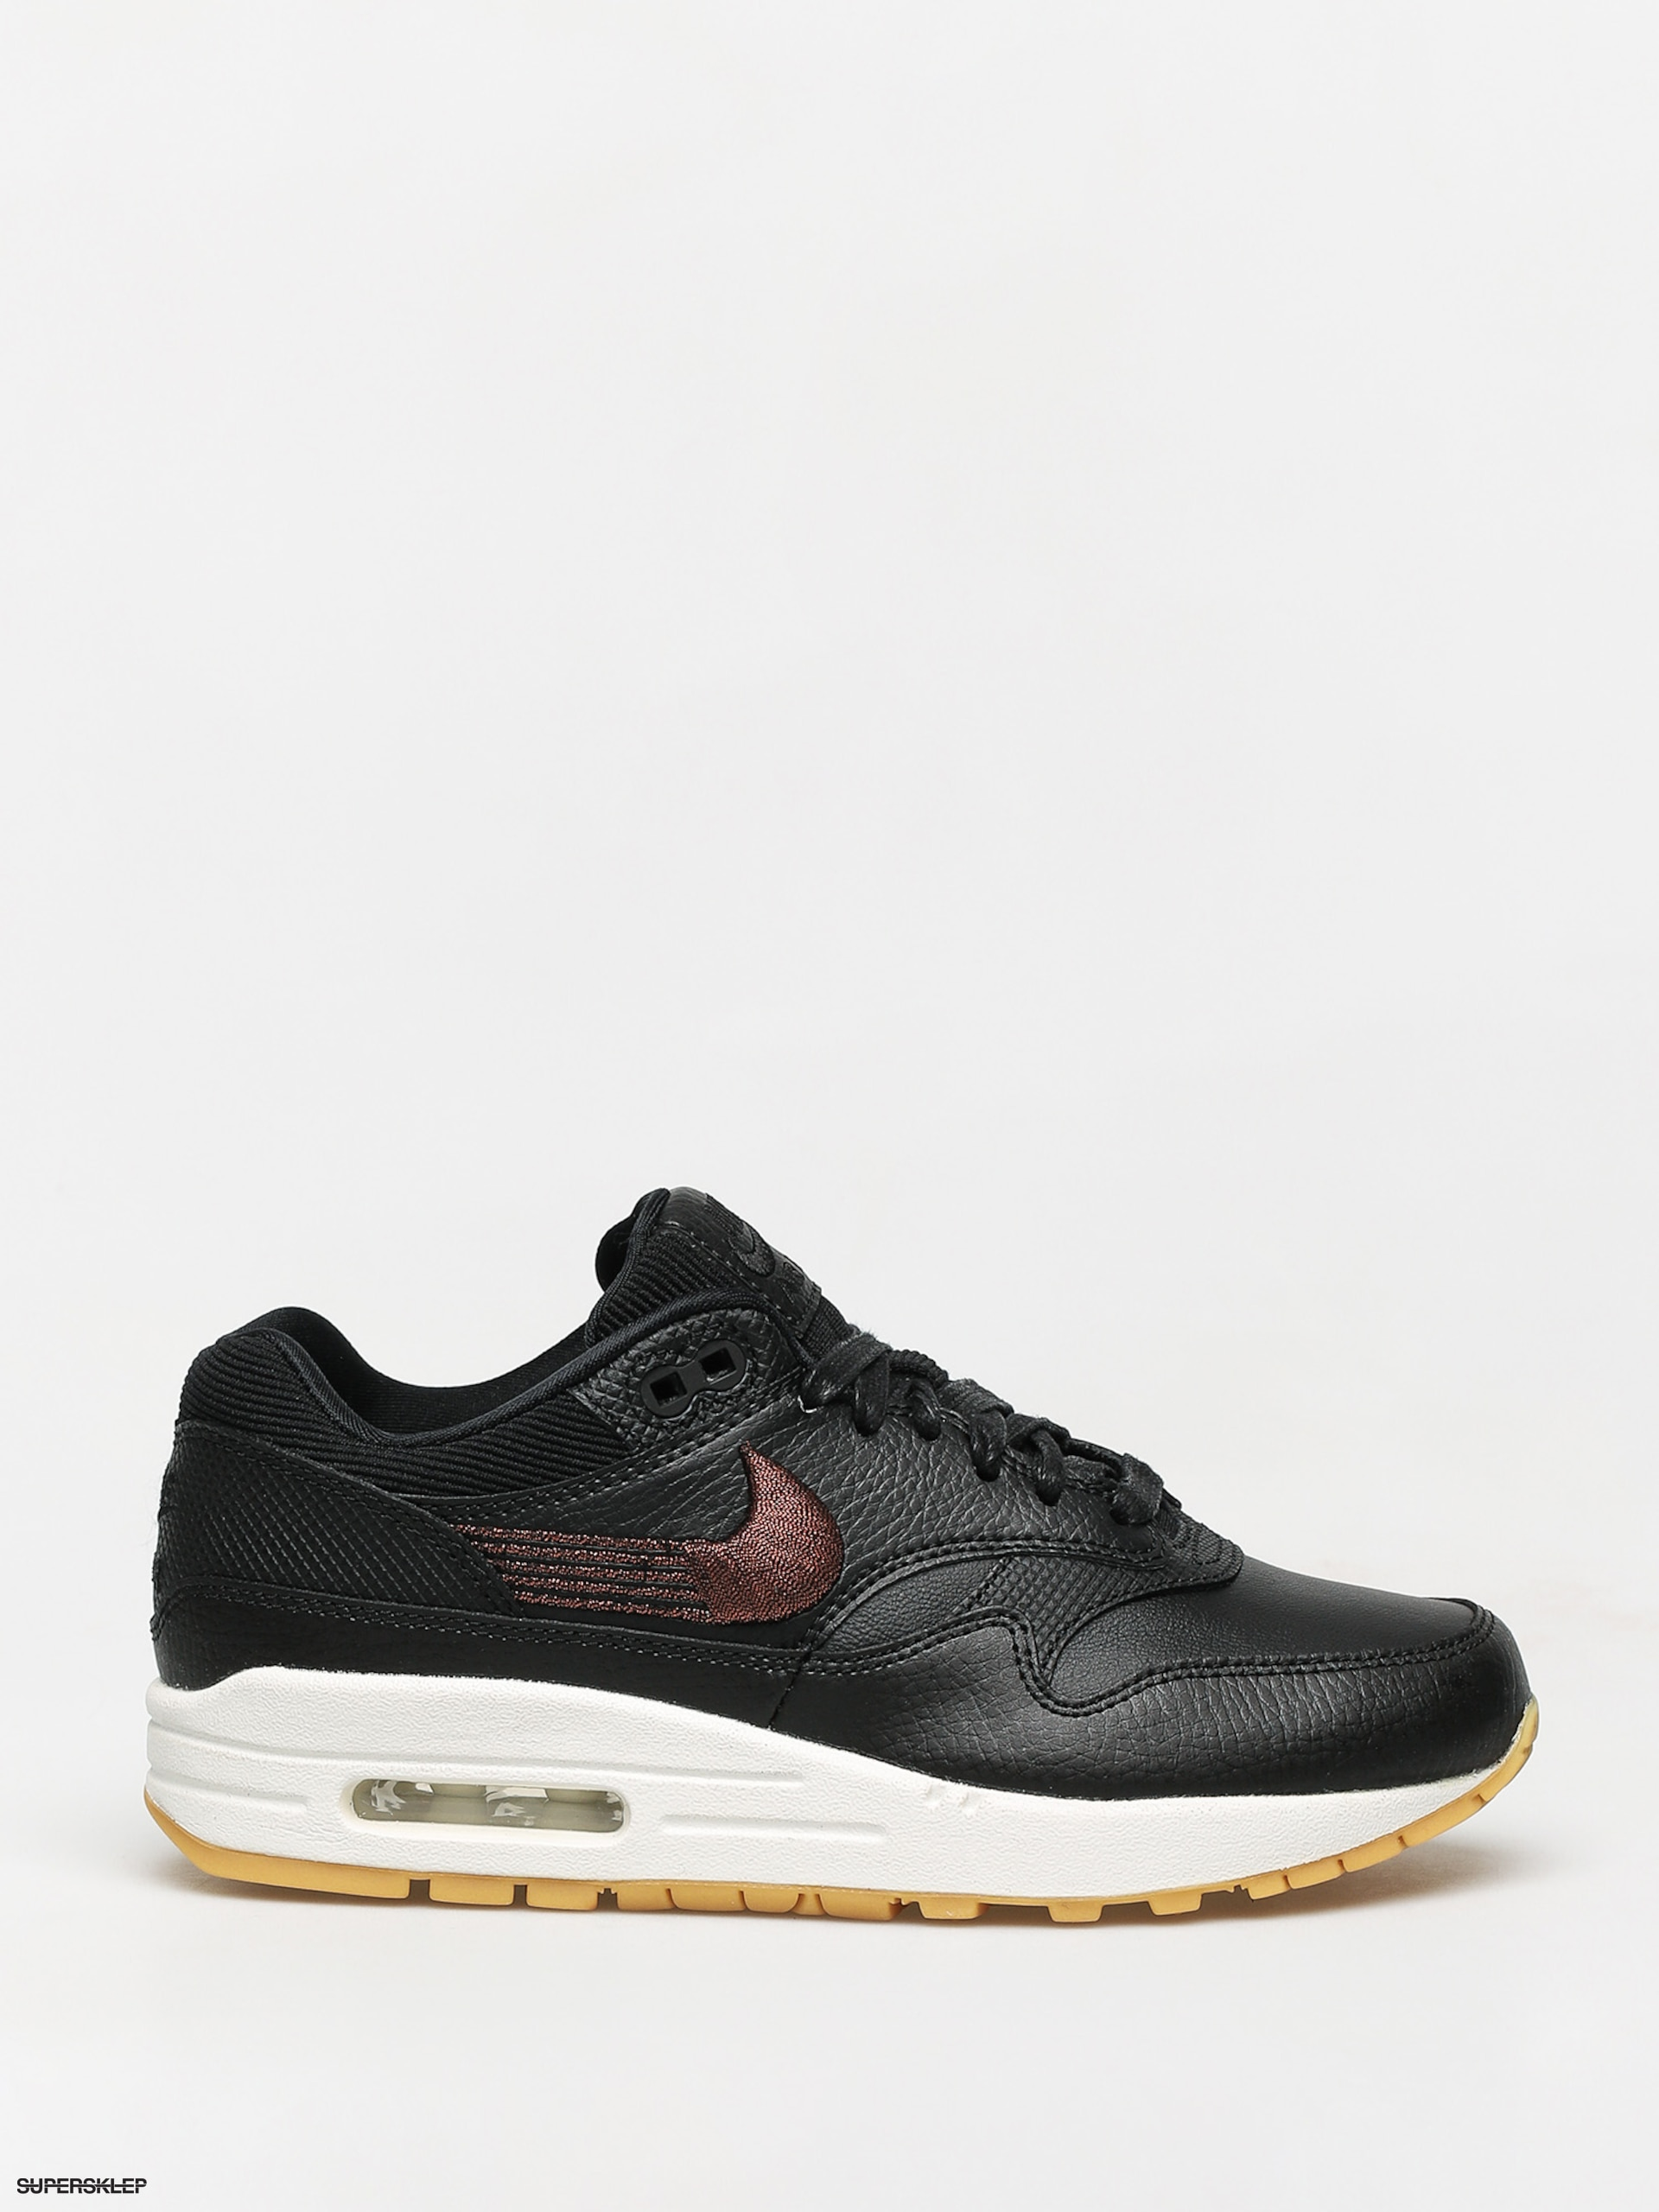 Buty sportowe męskie Nike air max 91 wiązane skórzane